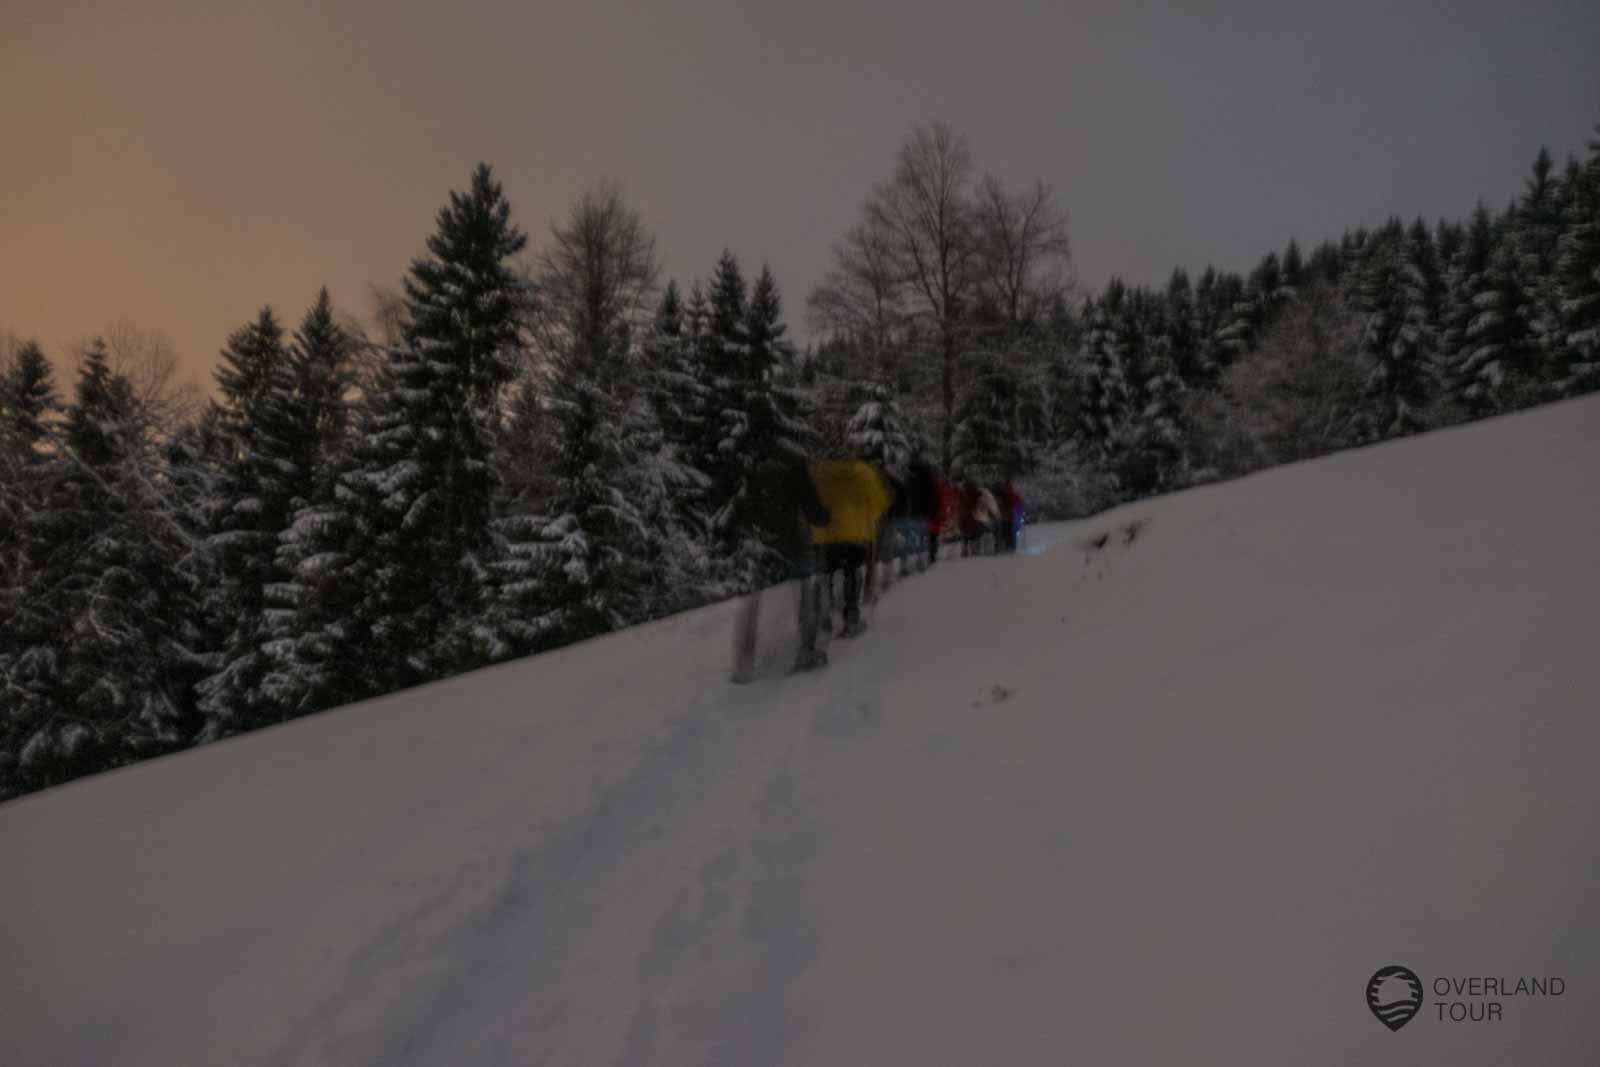 Die nächtliche Schneeschuhwanderung